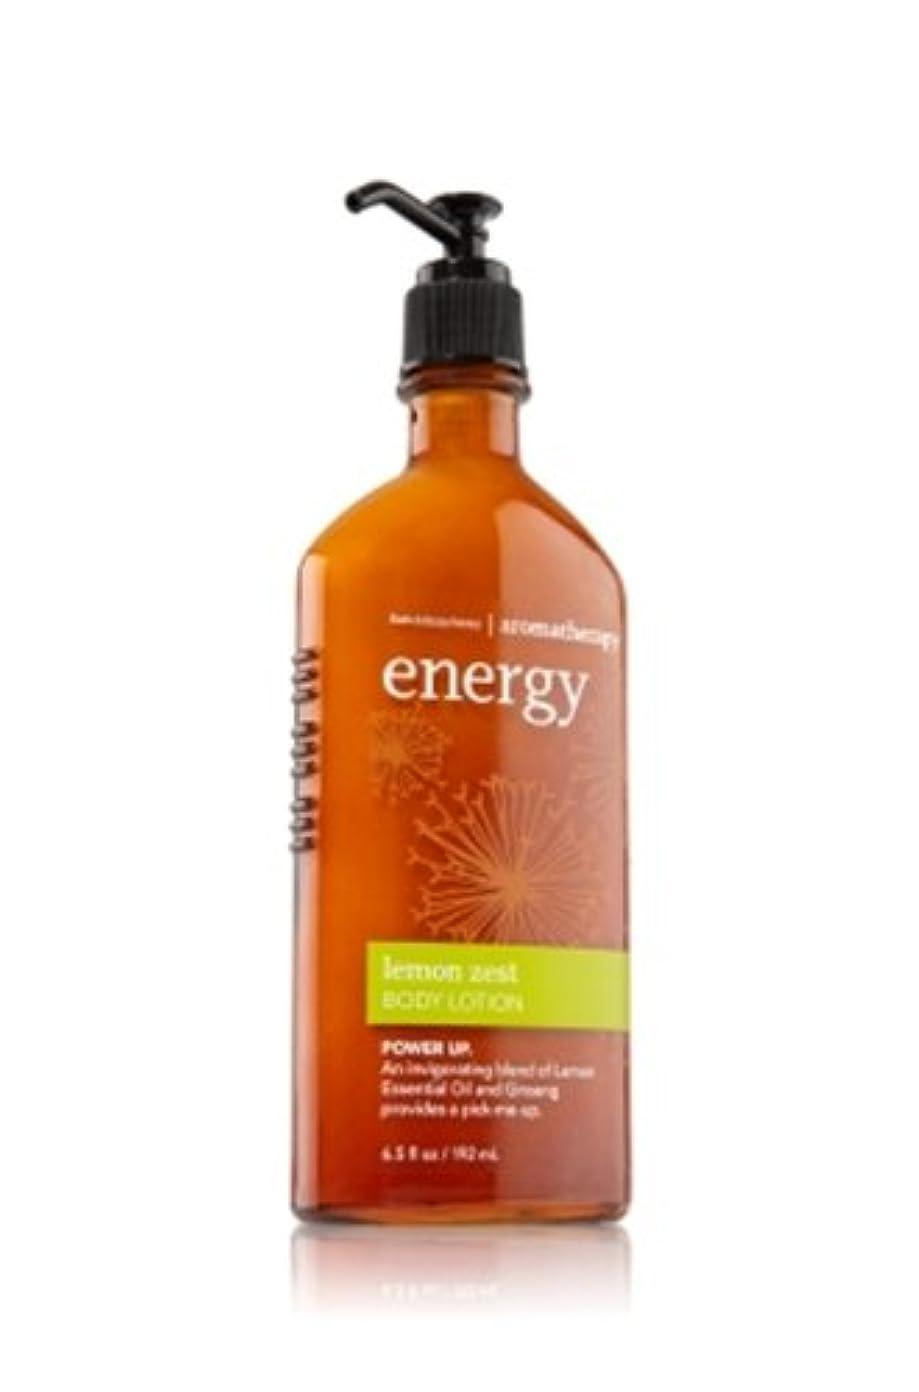 雨飾り羽タンザニアバス & ボディワークス アロマセラピー エナジー レモンゼスト ボディローション Aromatherapy Energy - Lemon Zest Body Lotion【並行輸入品】